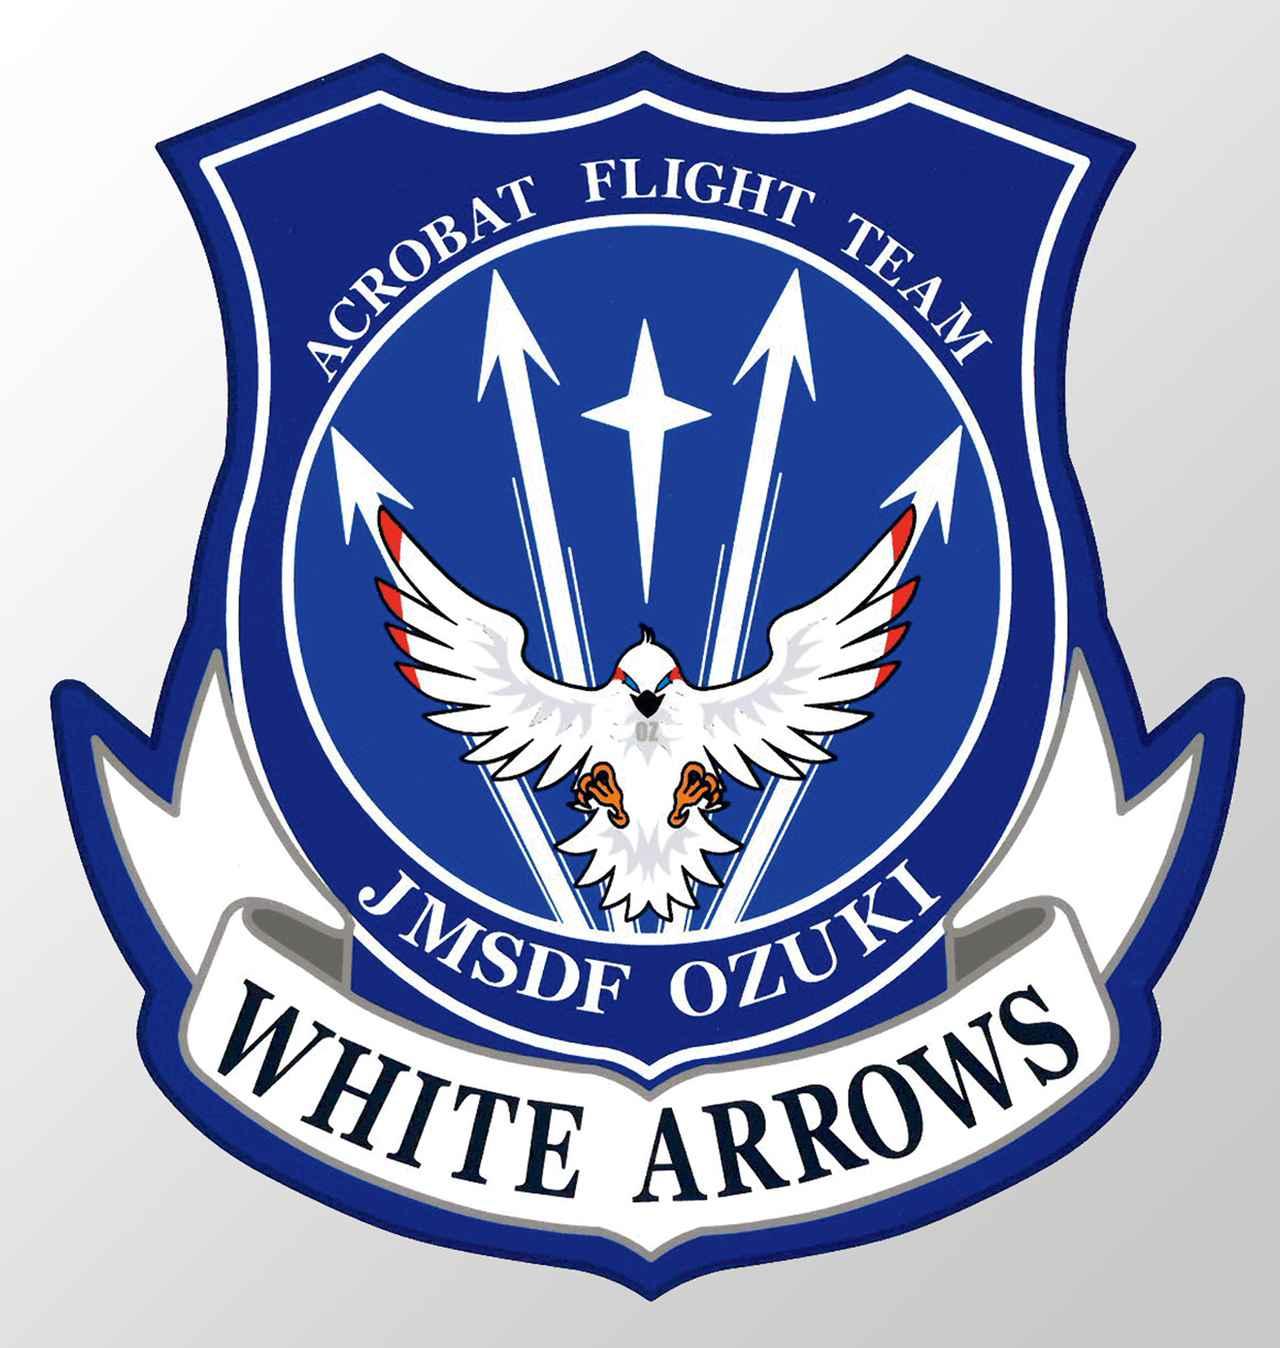 画像: 「ホワイトアローズ」のエンブレム。4本の白い矢は空を駆ける4機のT-5と小月教育航空群の4つの部隊をイメージし、中央の星は司令部を表す